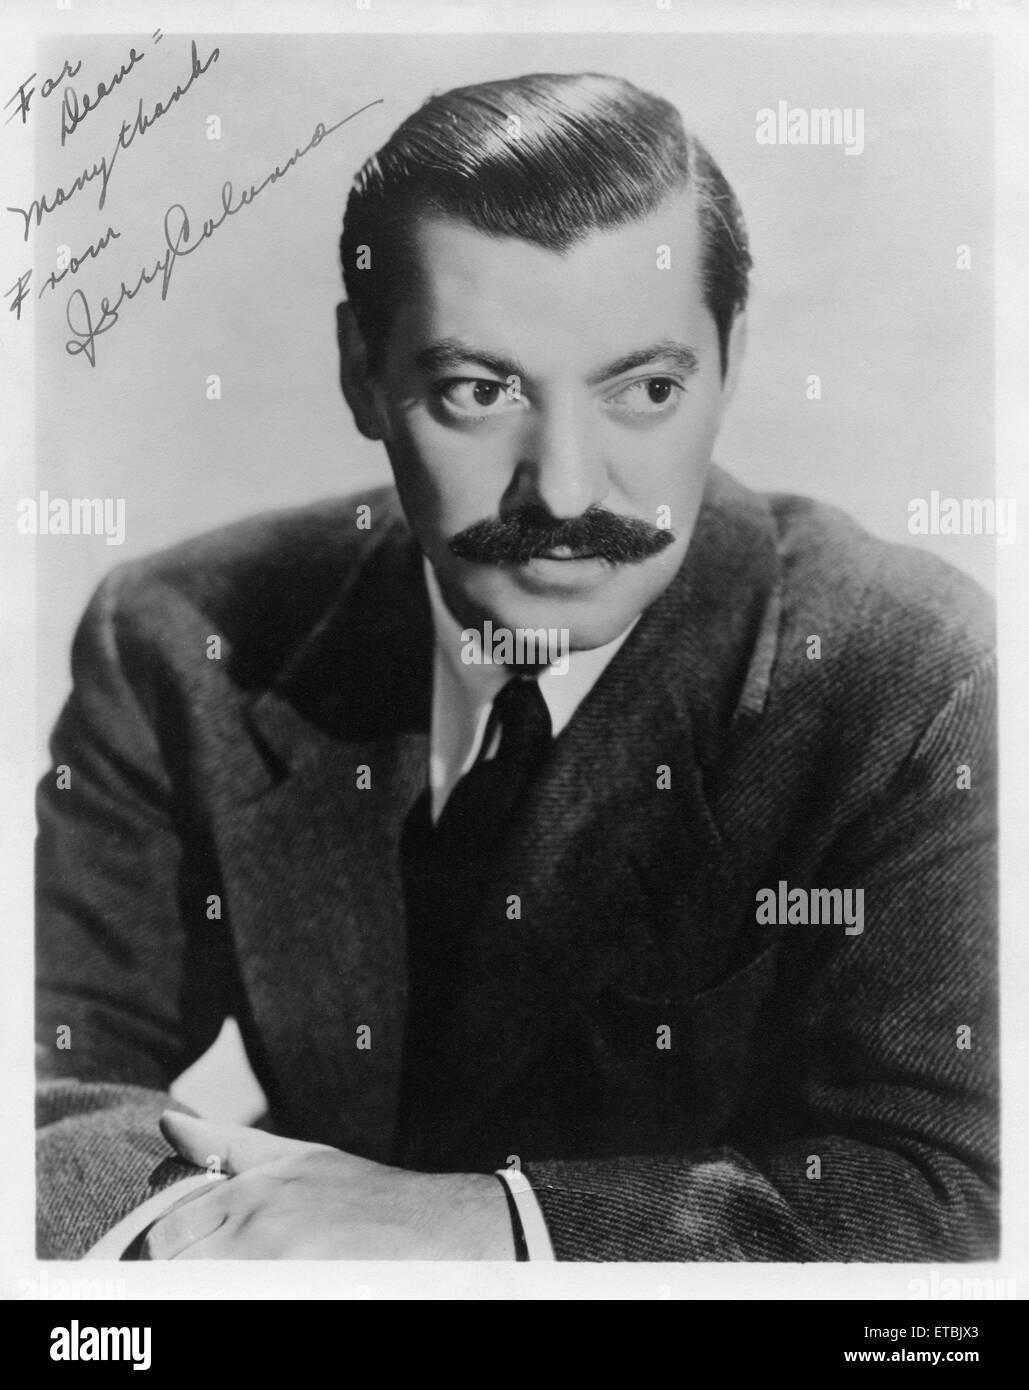 Jerry Colonna, Ritratto, circa 1940 Immagini Stock